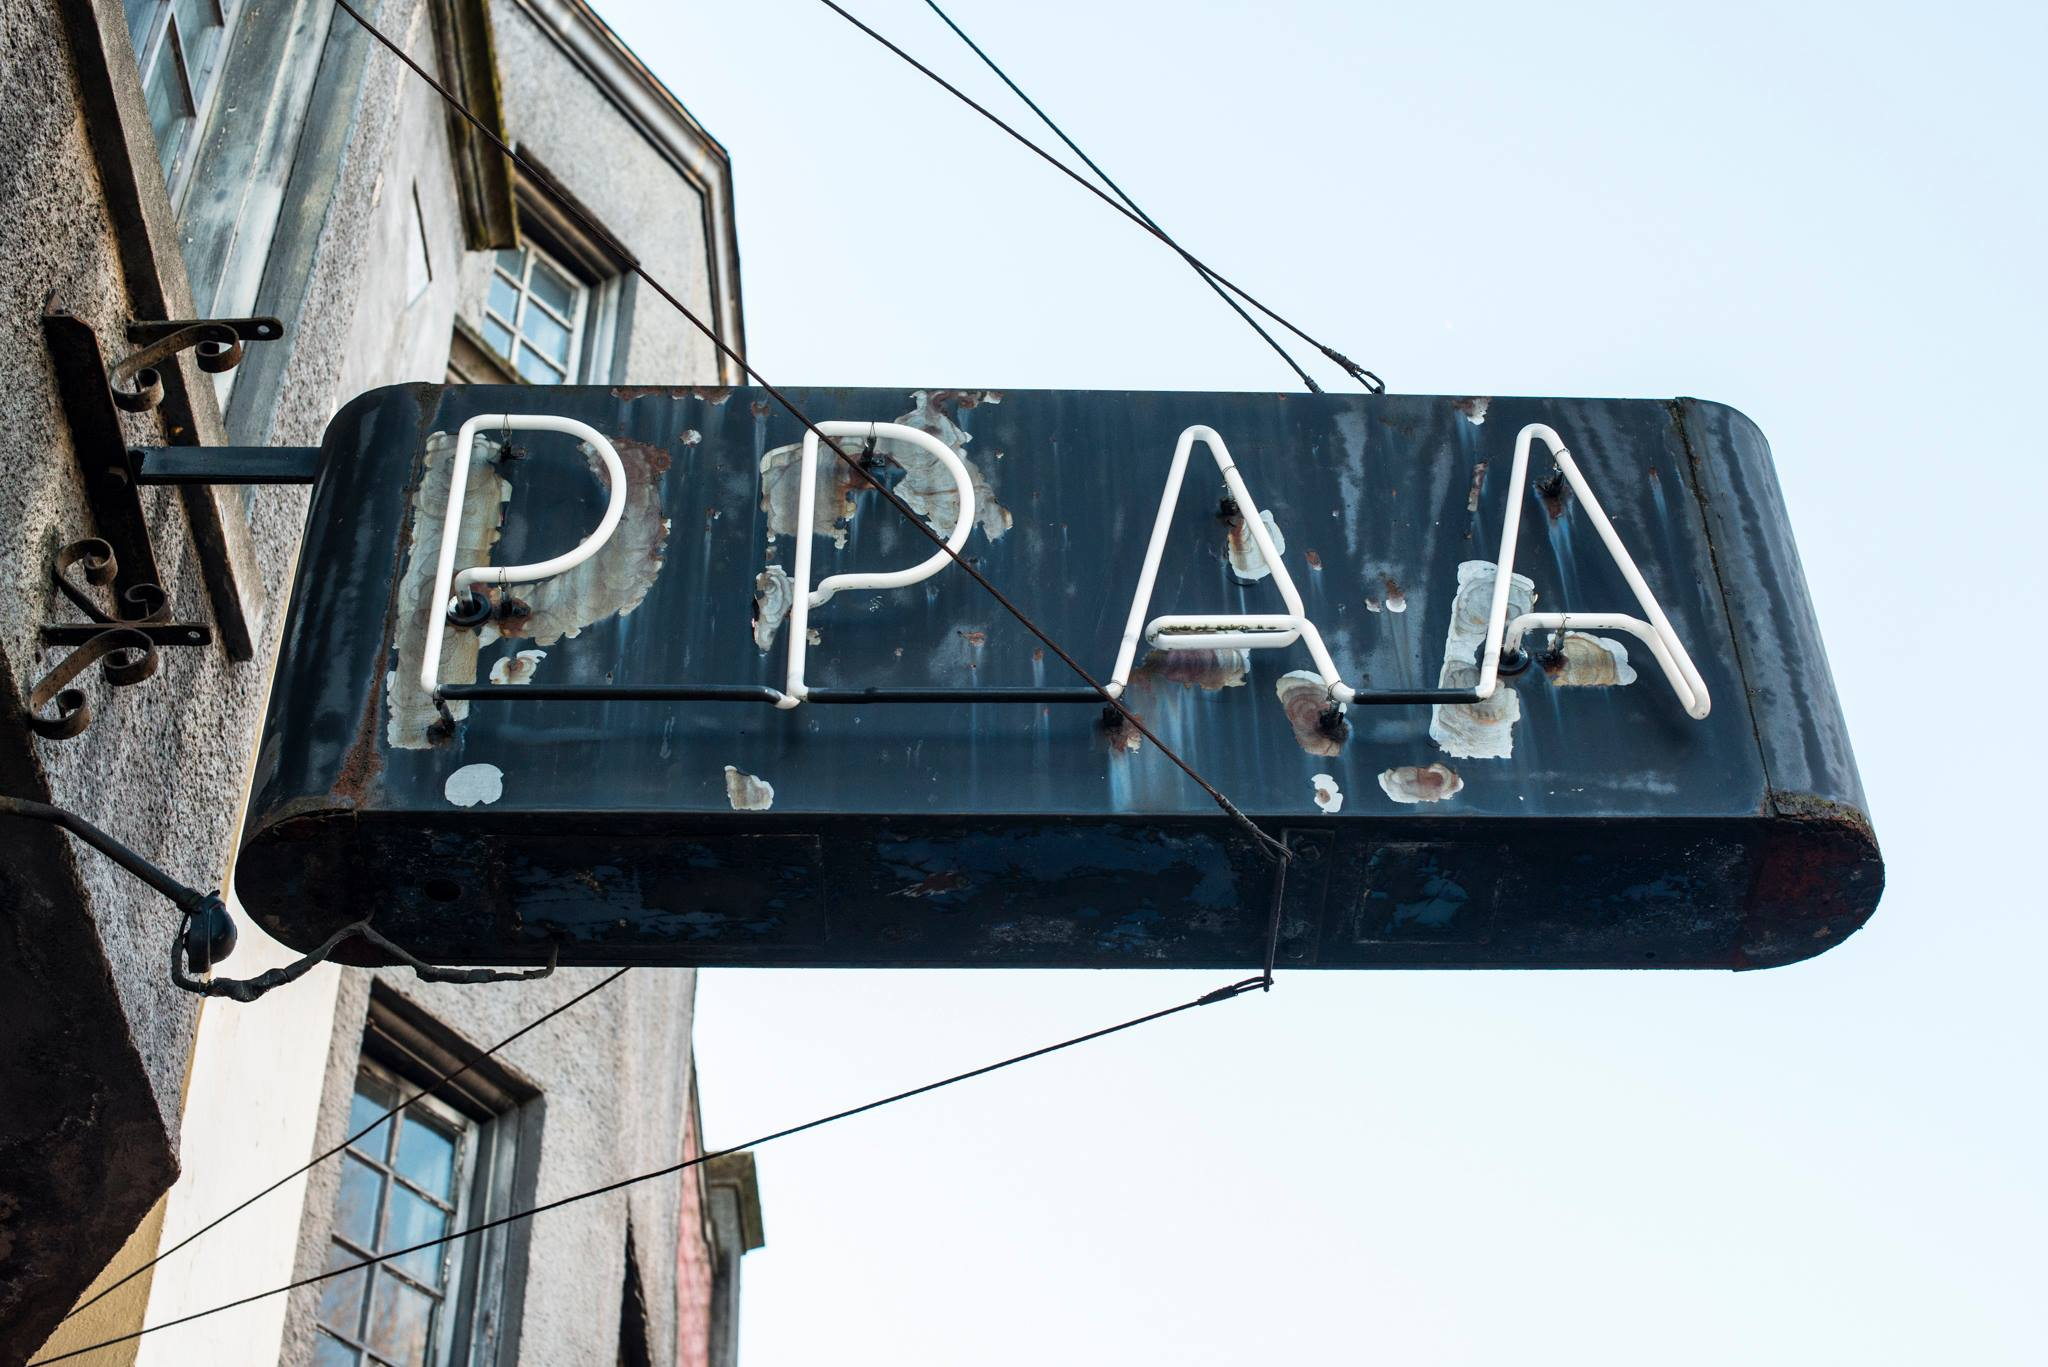 ppaa sign.jpg